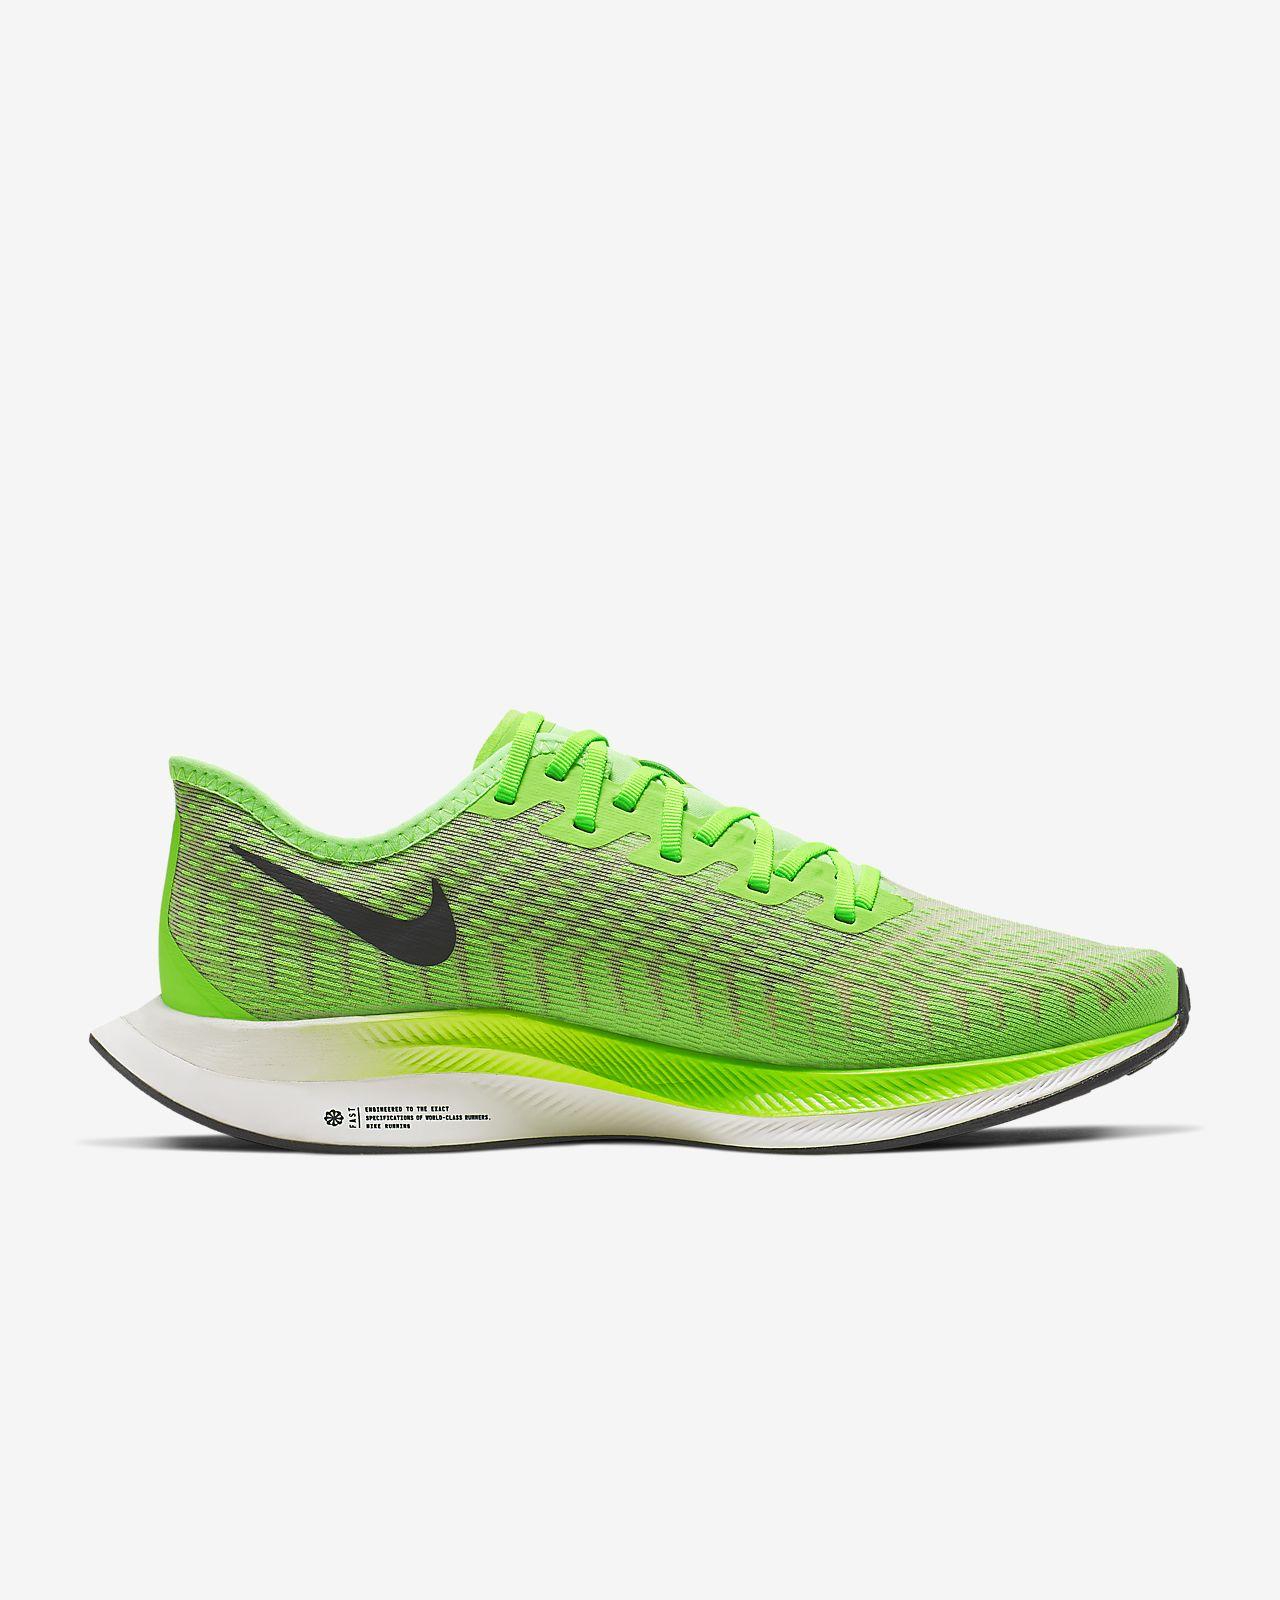 promo code 2ec57 1e859 Nike Zoom Pegasus Turbo 2 Men's Running Shoe